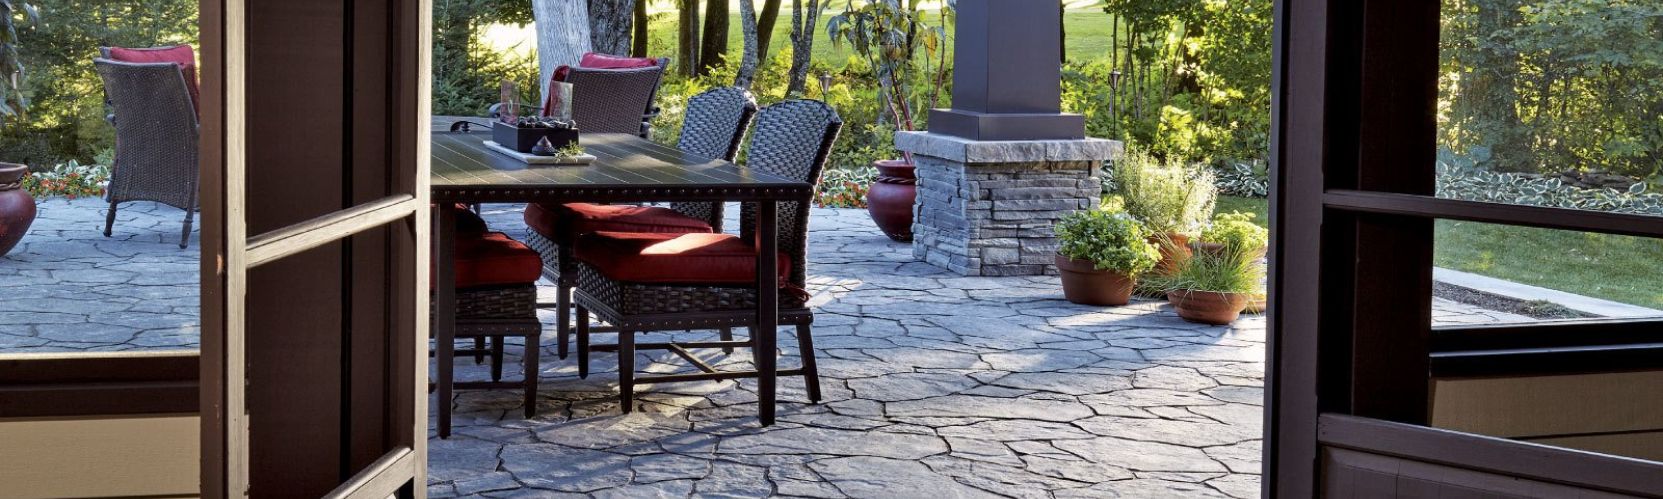 Orangeville Precast Concrete Ltd in Orangeville